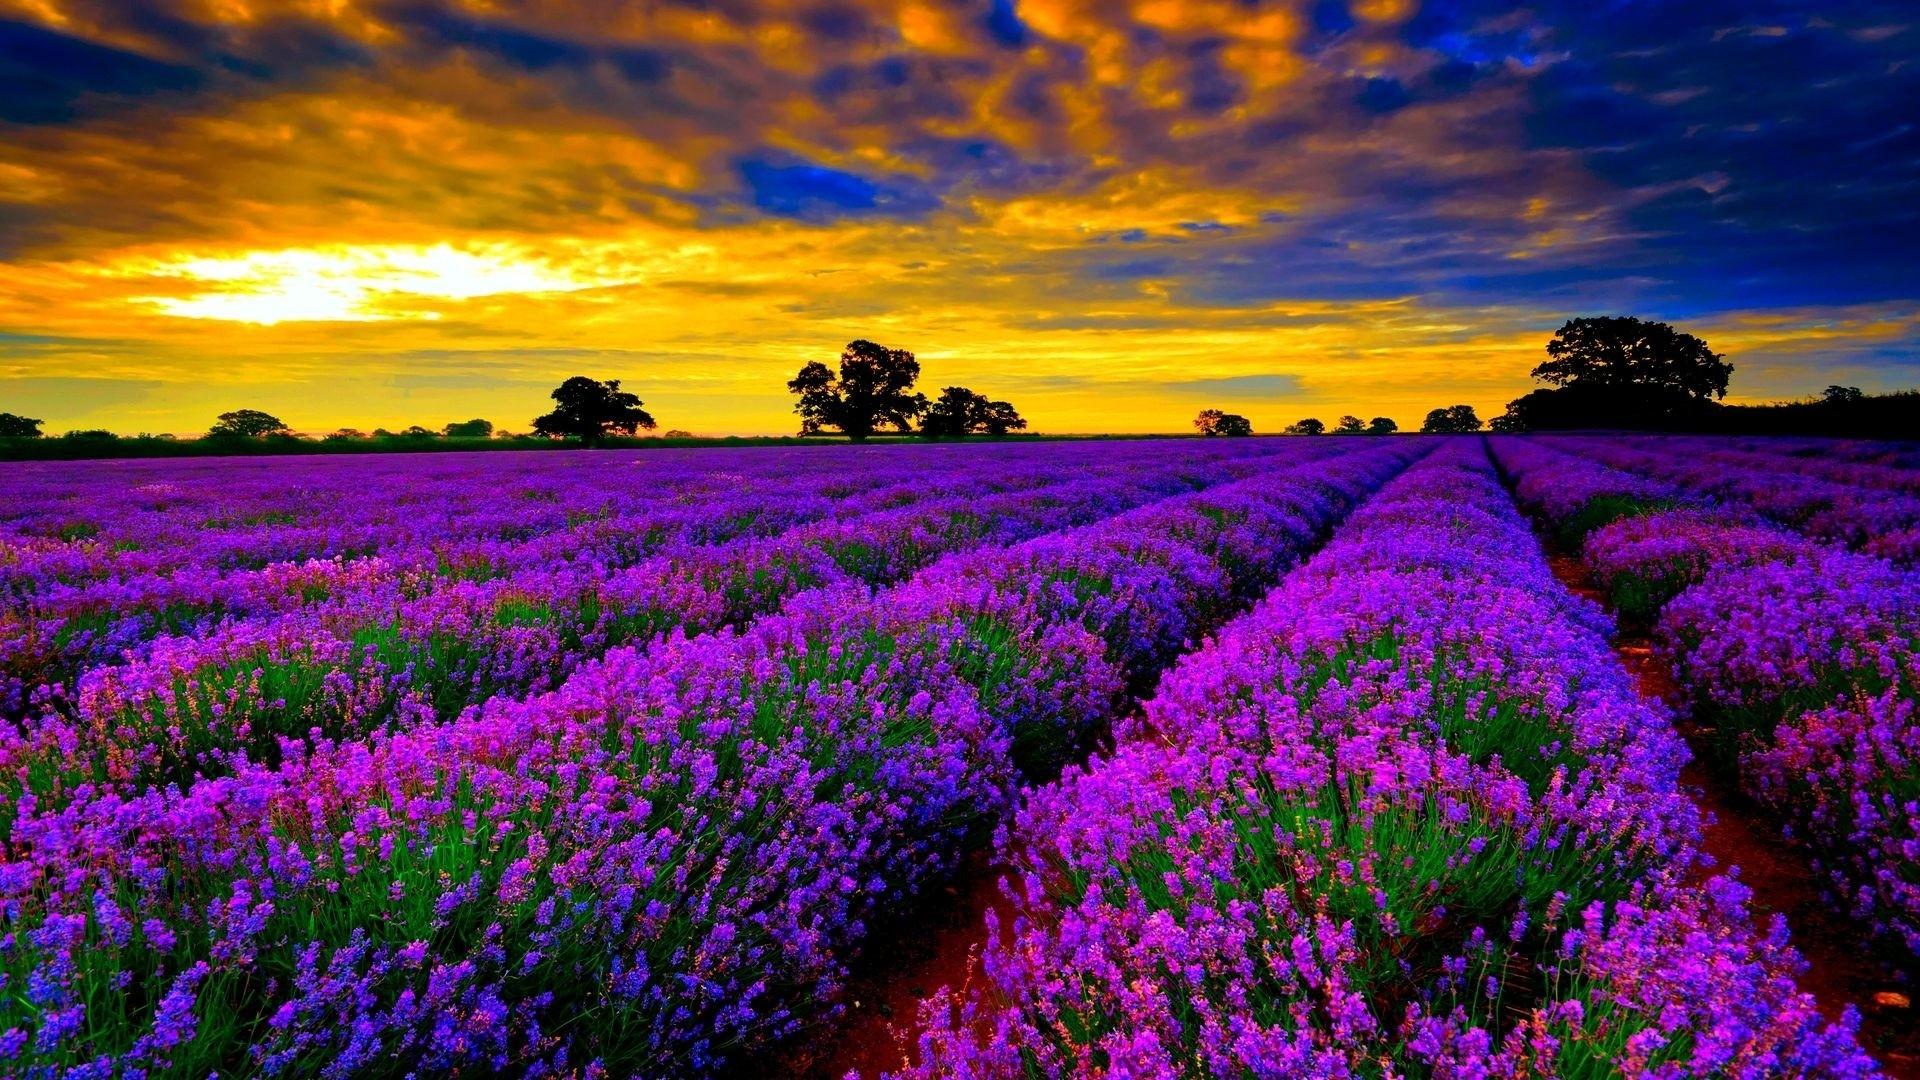 Lavender Wallpaper for pc